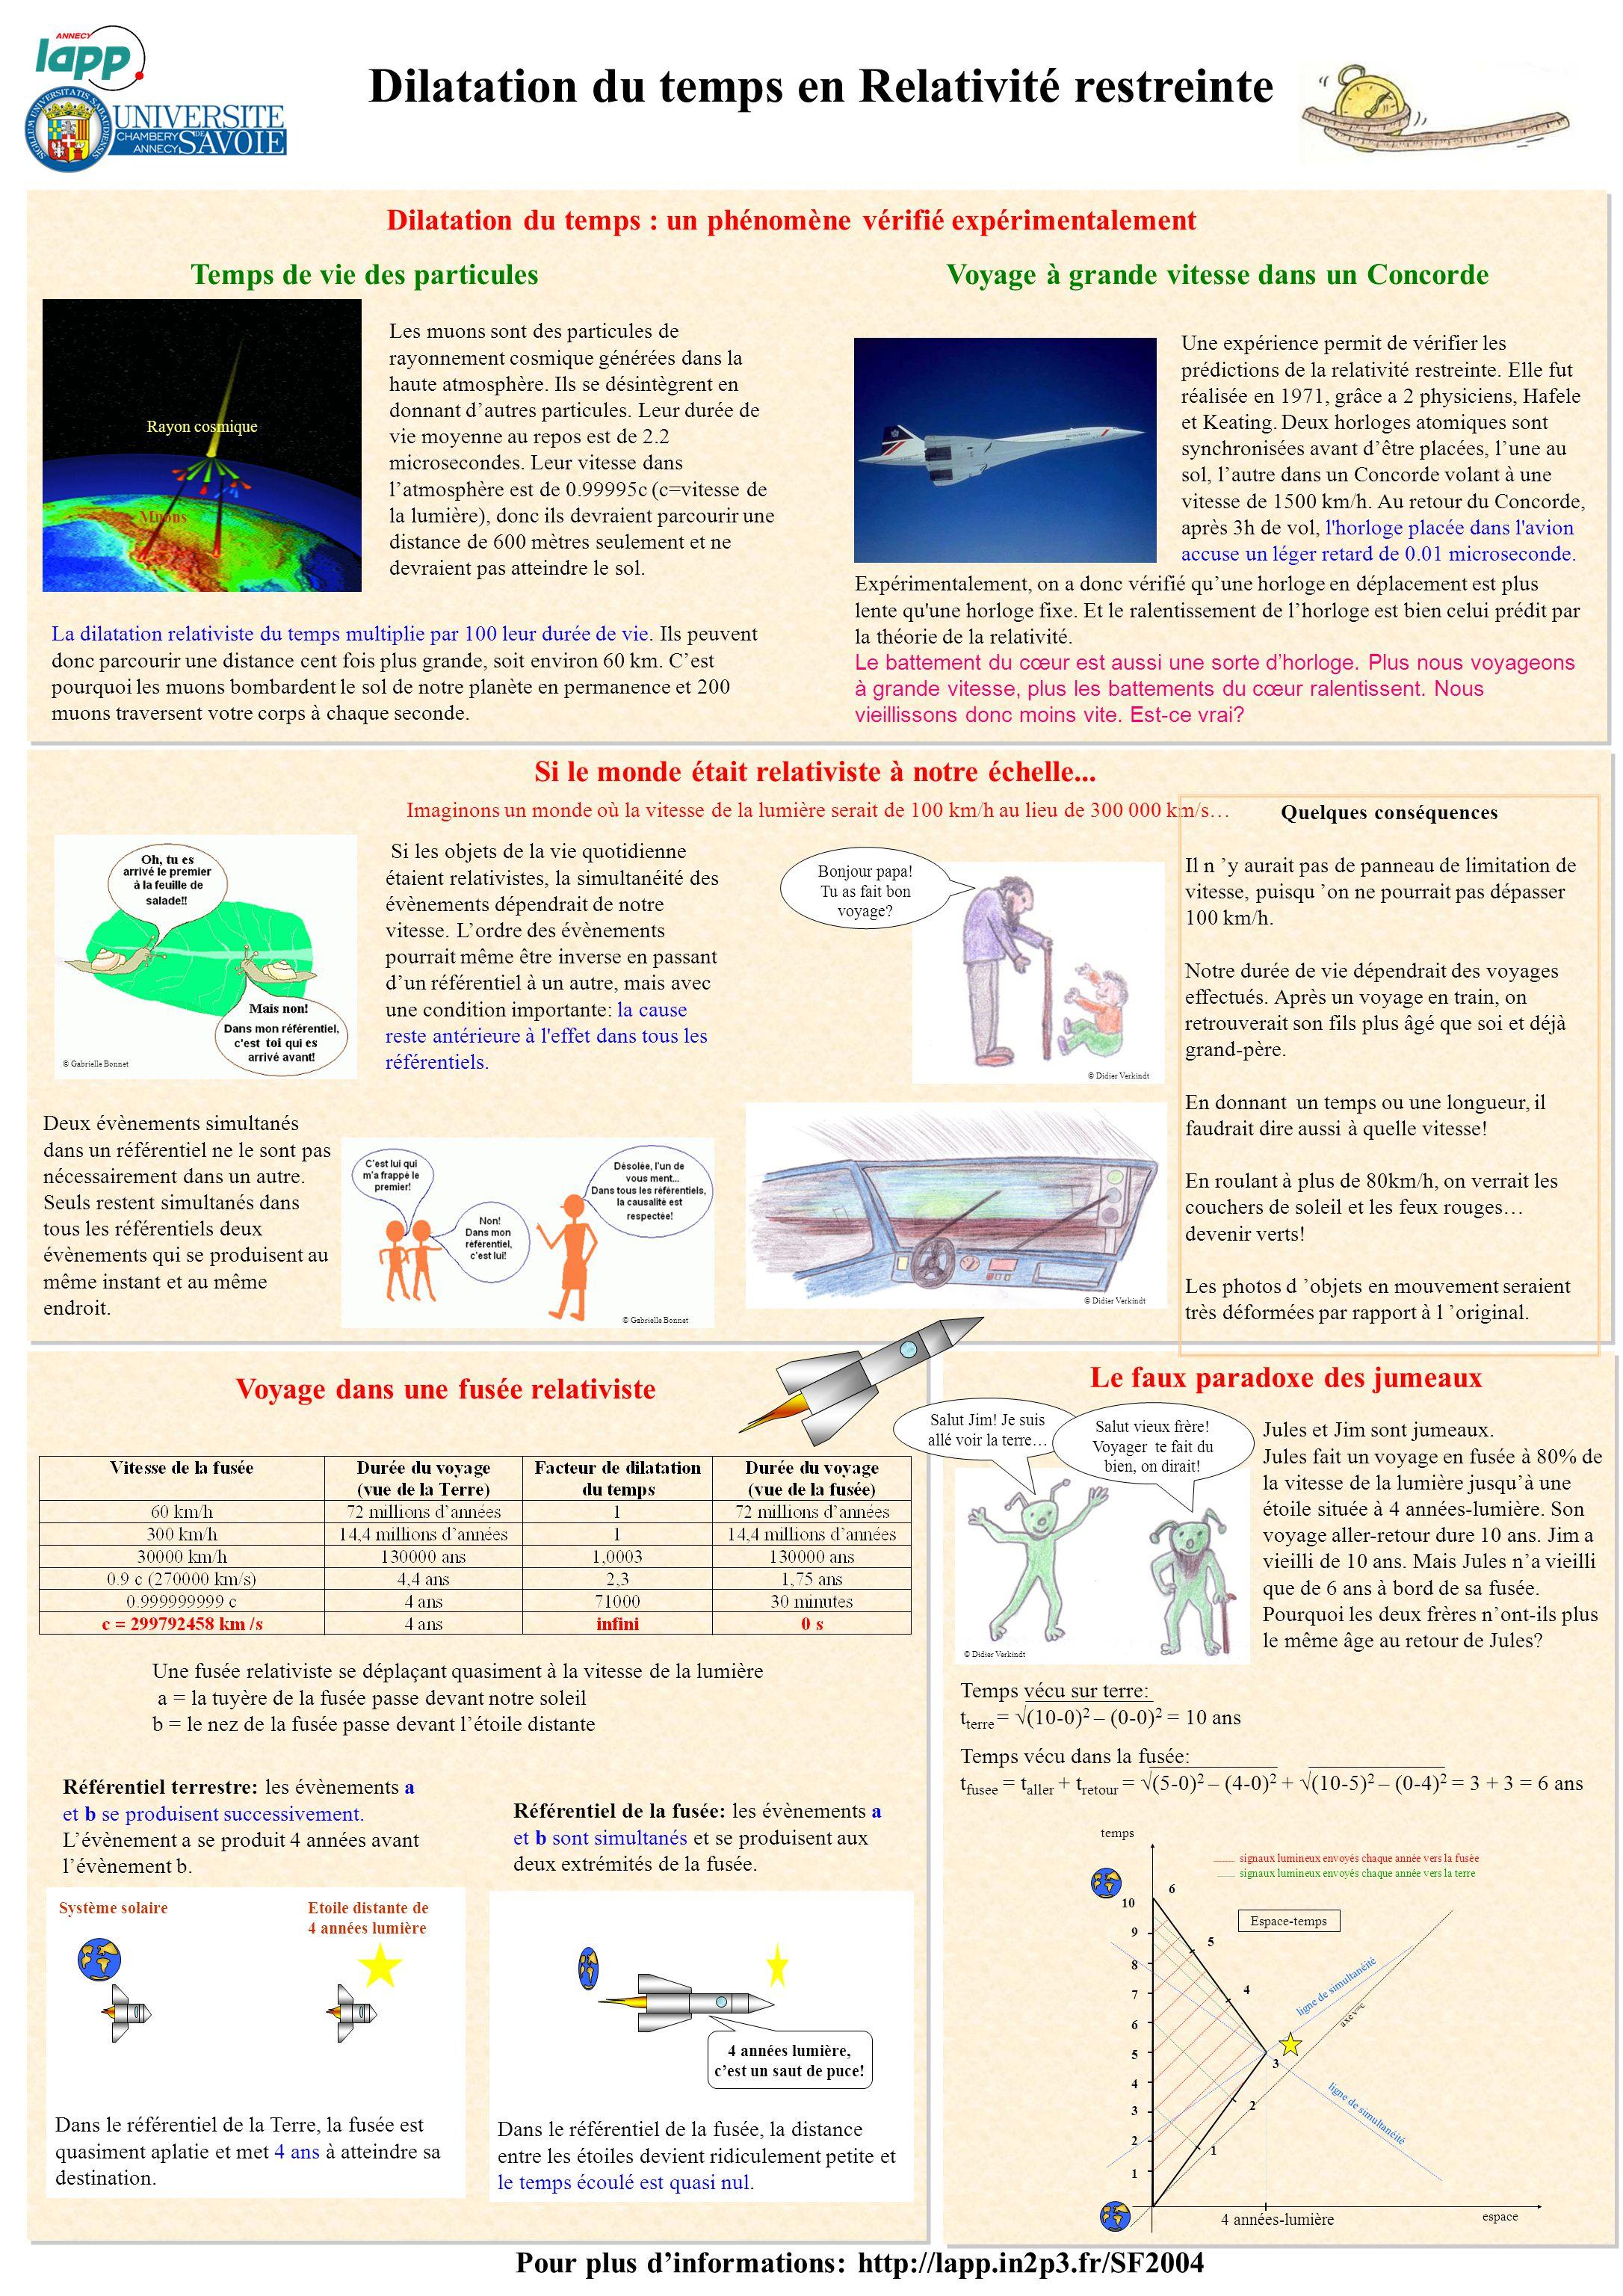 Dilatation du temps en Relativité restreinte Temps de vie des particules Les muons sont des particules de rayonnement cosmique générées dans la haute